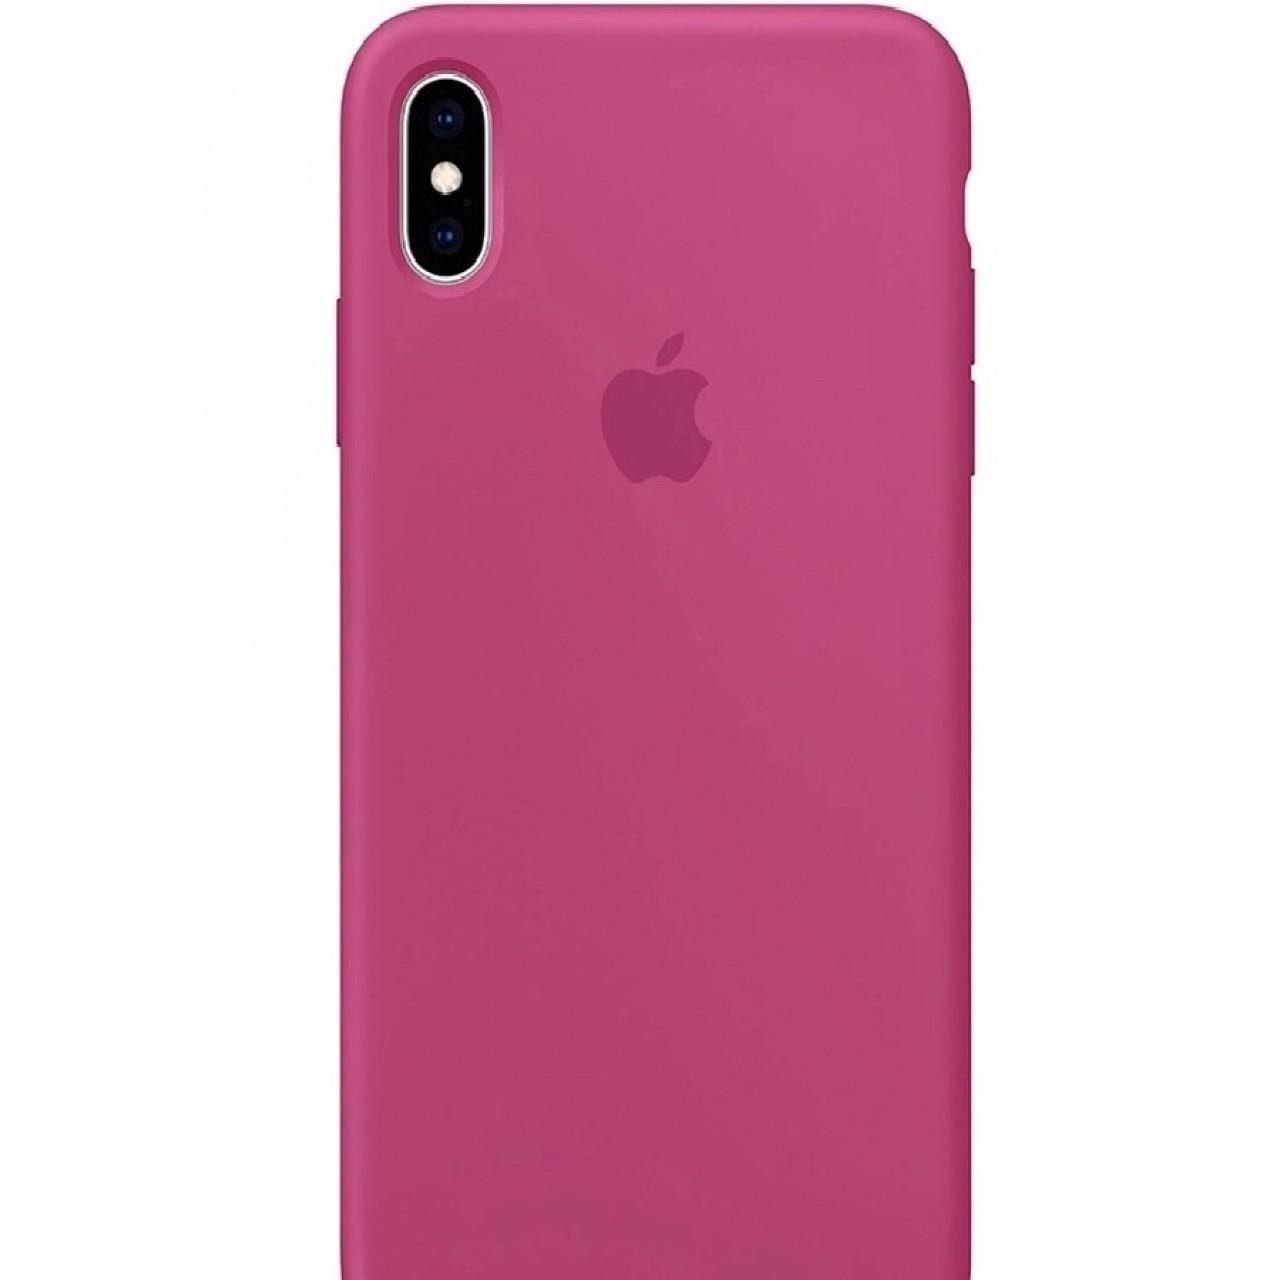 ΘΗΚΗ ΠΡΟΣΤΑΣΙΑΣ ΣΙΛΙΚΟΝΗΣ ΓΙΑ iPhone XS MAX ΚΕΡΑΣΙ - BACK COVER SILICON CASE CHERRY - OEM